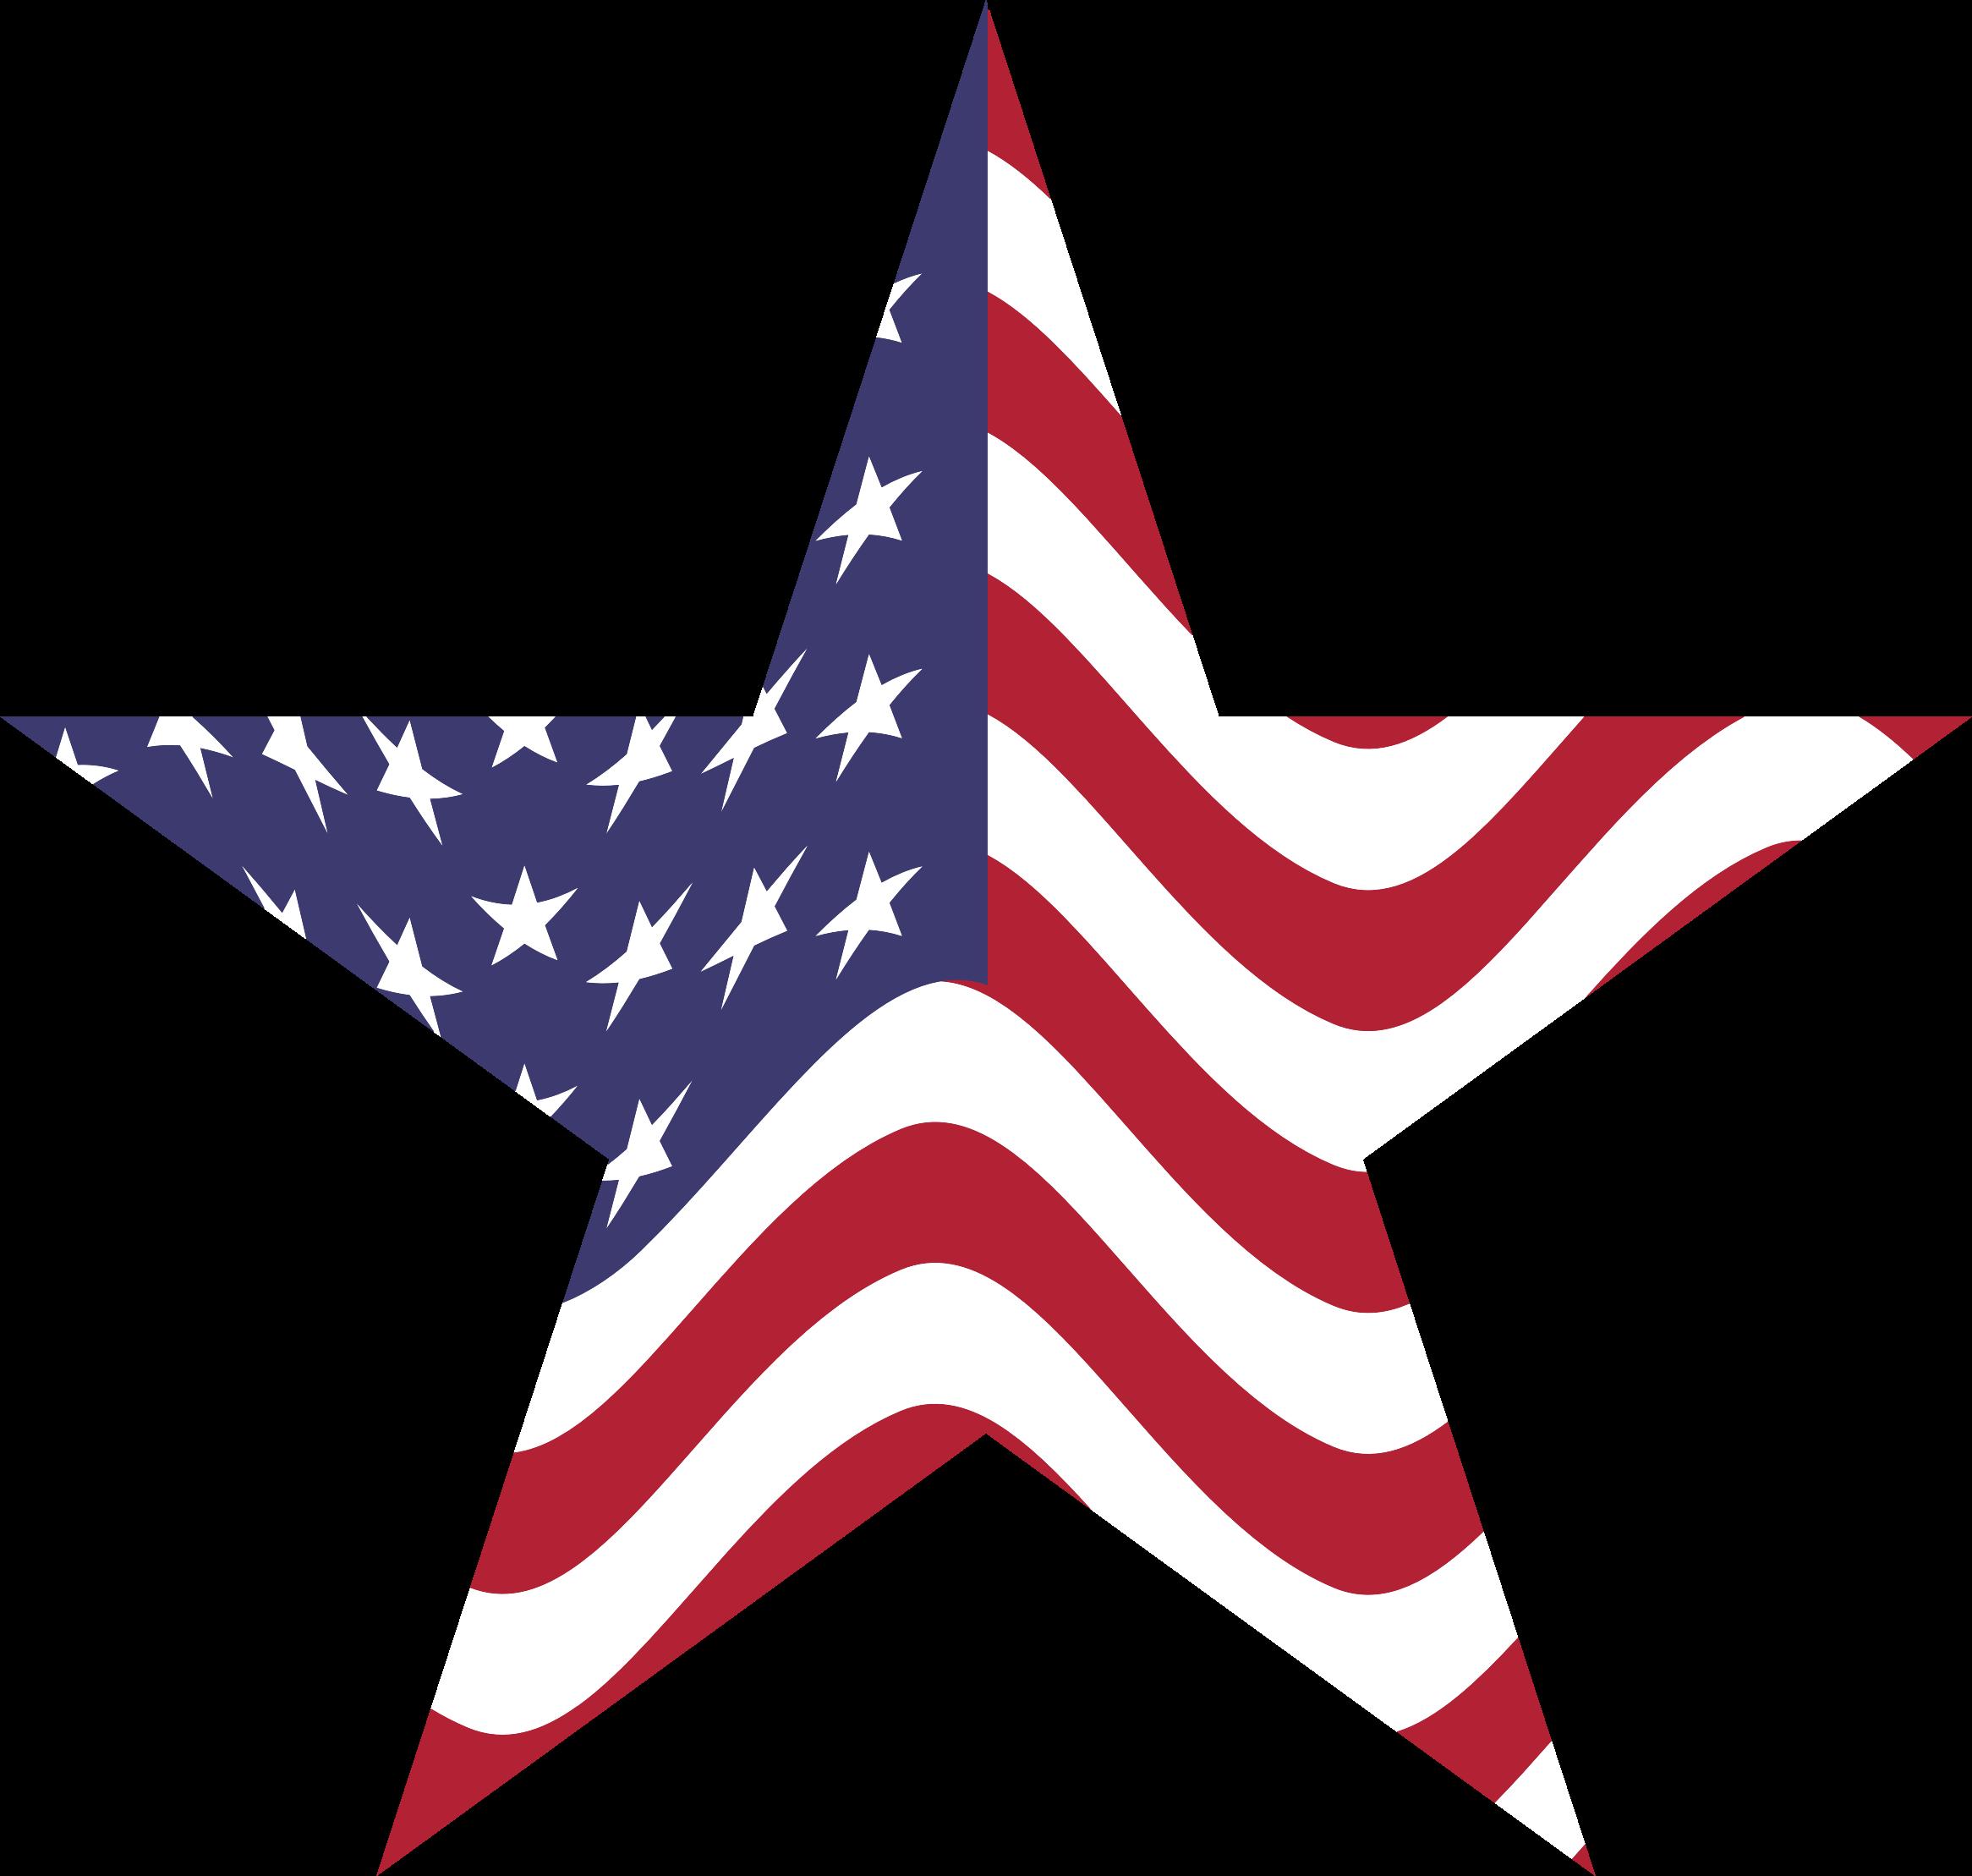 2332x2218 American Flag Star By @gdj, Us Flag Embedded Into A Star.,